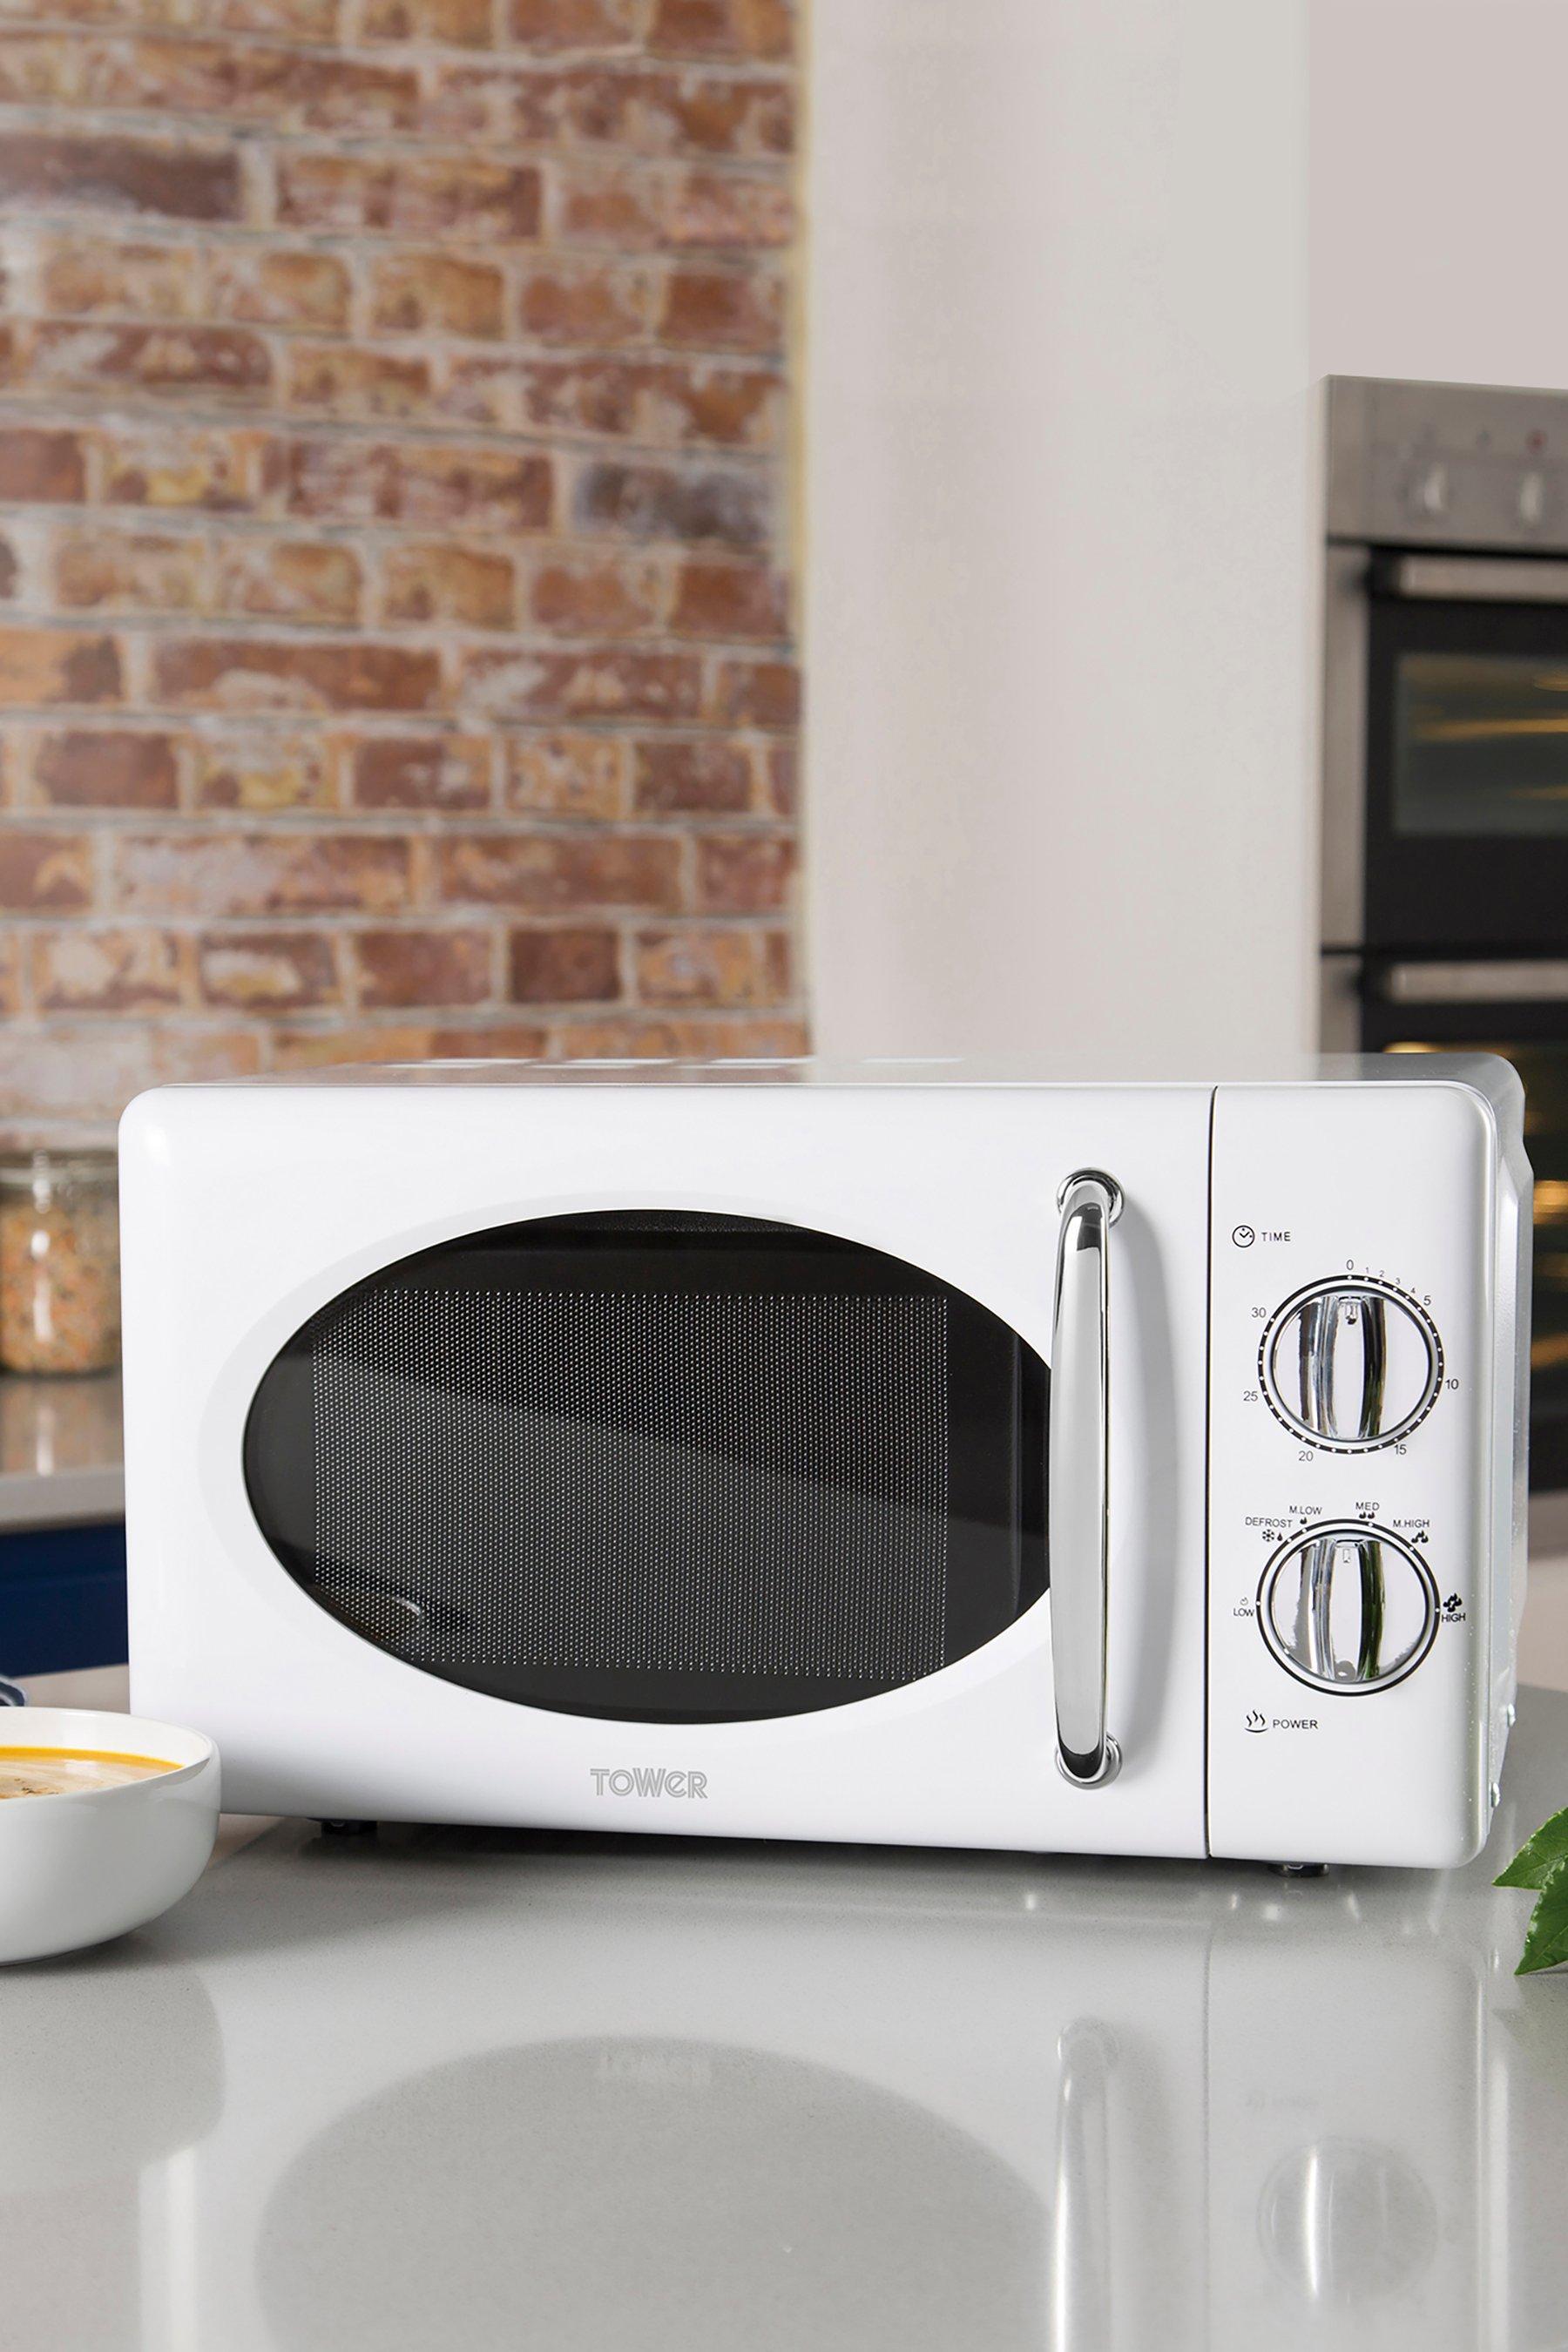 tower 800w retro microwave